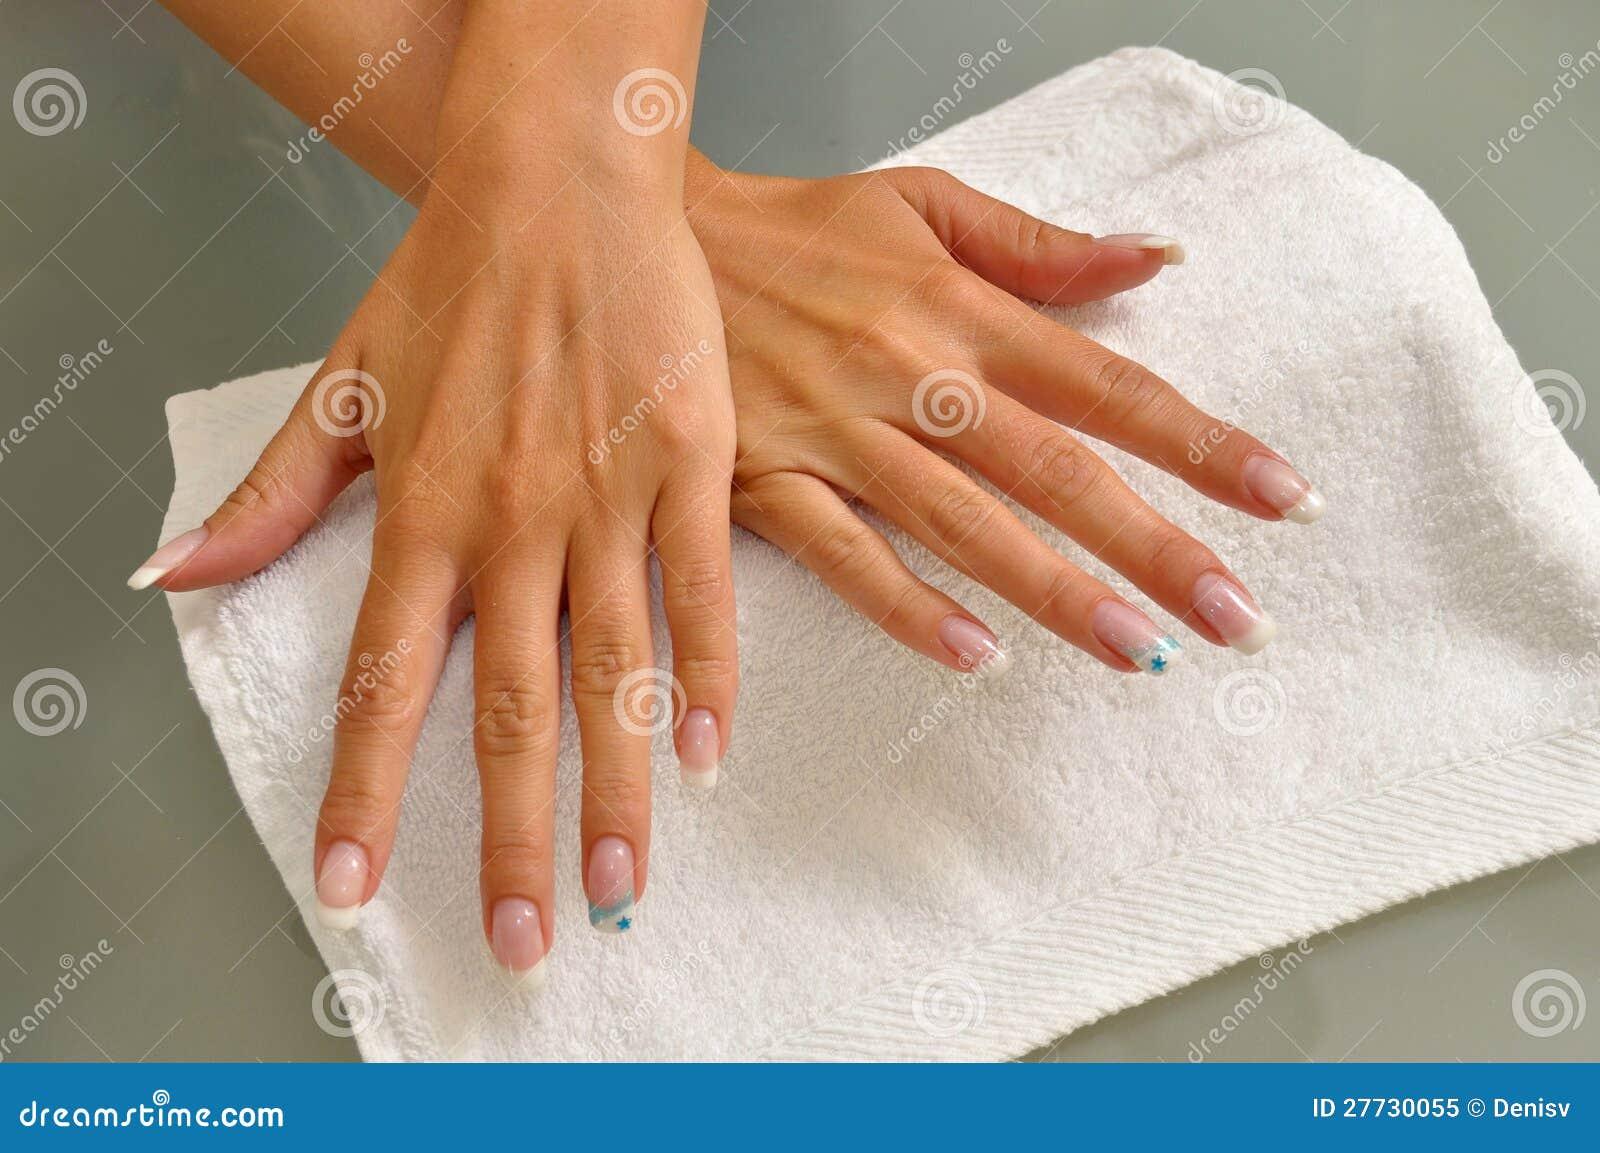 Schöne Nägel auf weißem Tuch